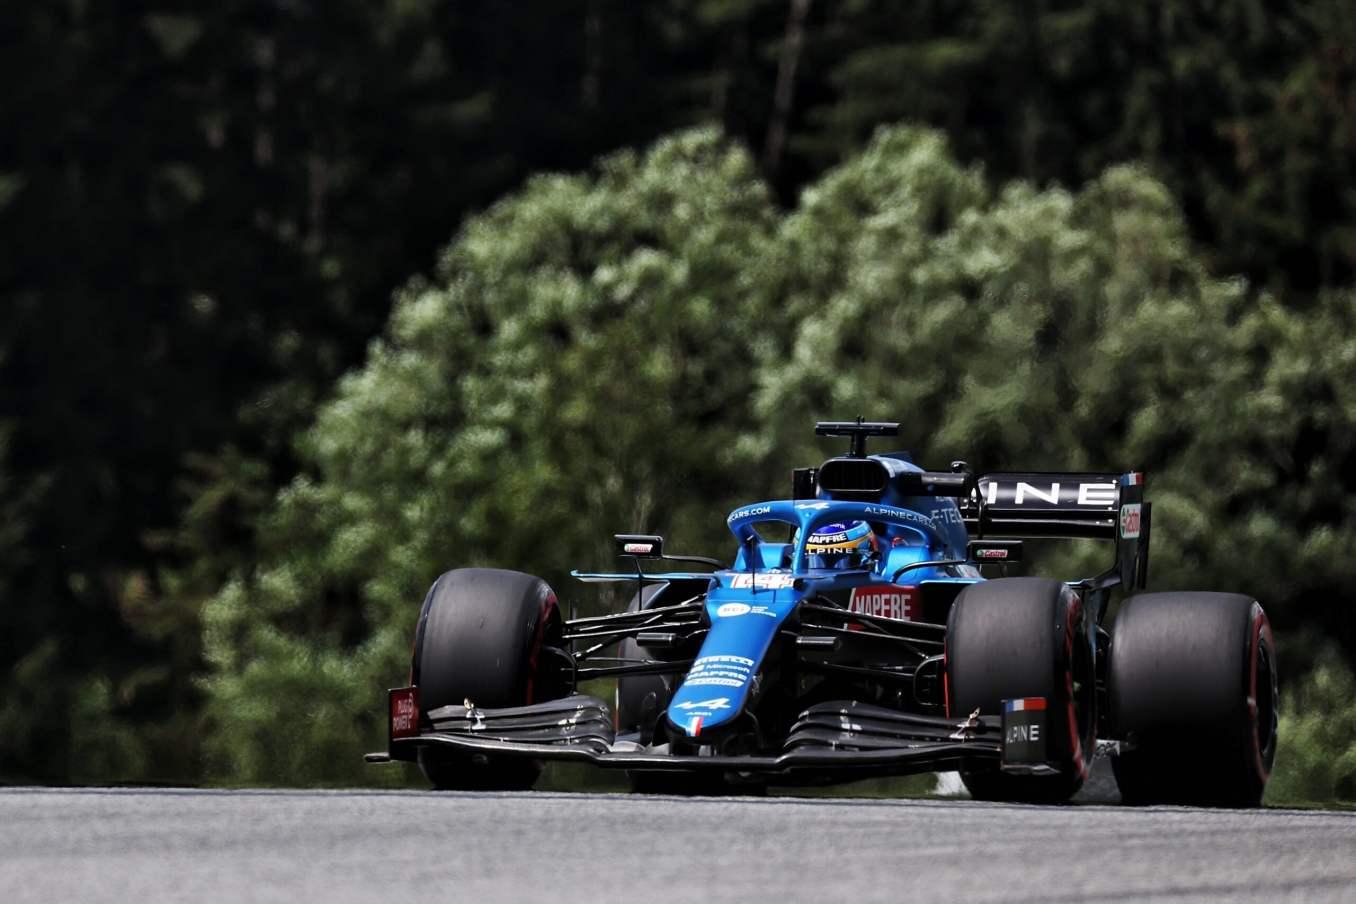 Alpine F1 Team Alonso Ocon Autriche Steiermark Grand Prix Spielberg A521 2021 30 scaled | Alpine F1 : Alonso réitère la Q3 et Ocon trébuche en Q1 à Spielberg